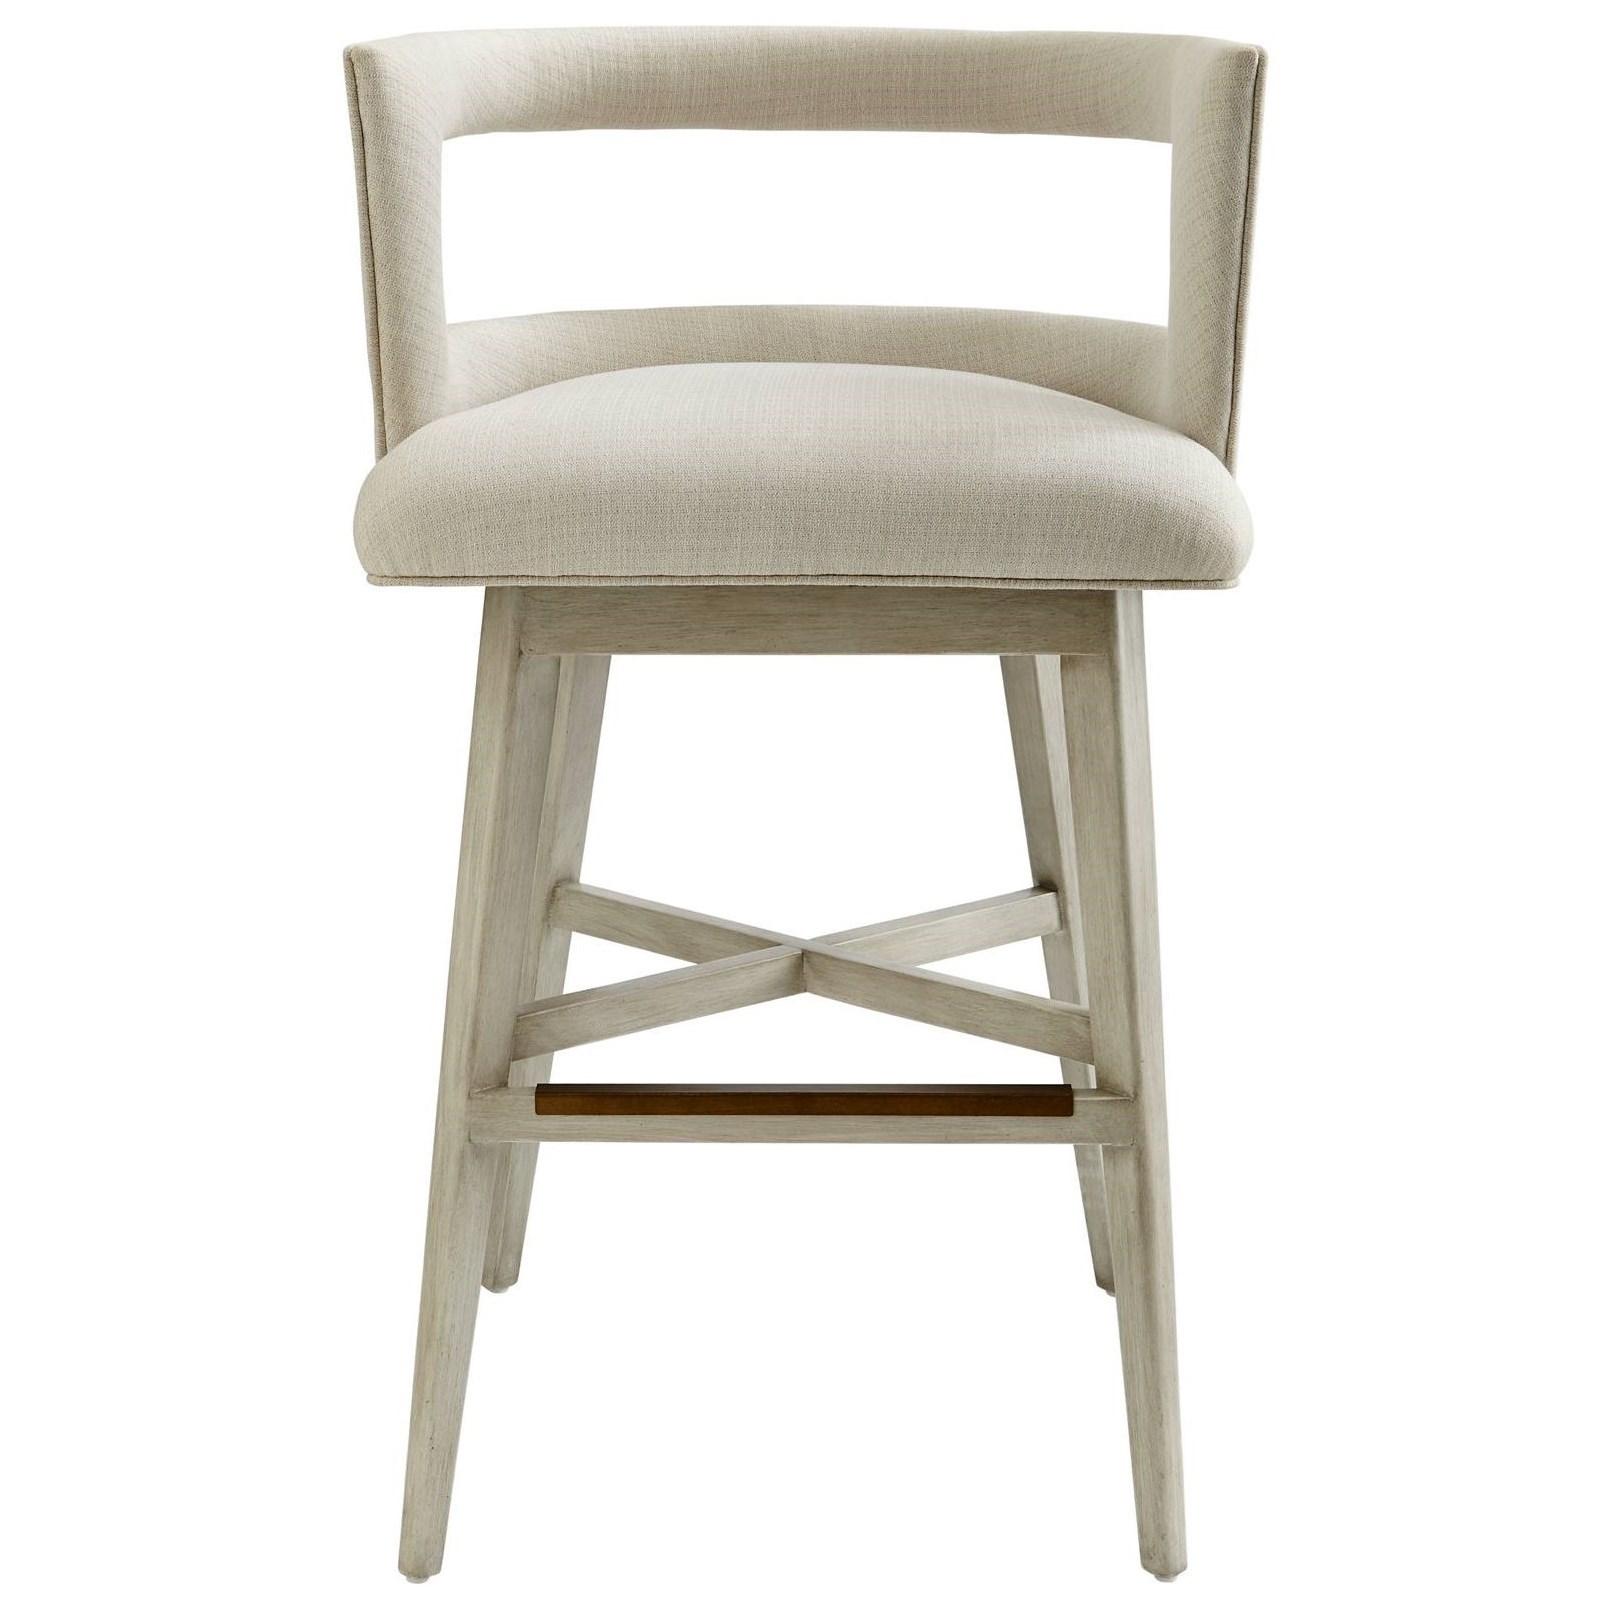 Stanley Furniture Coastal Living Oasis Crestwood Barstool - Item Number: 527-51-73